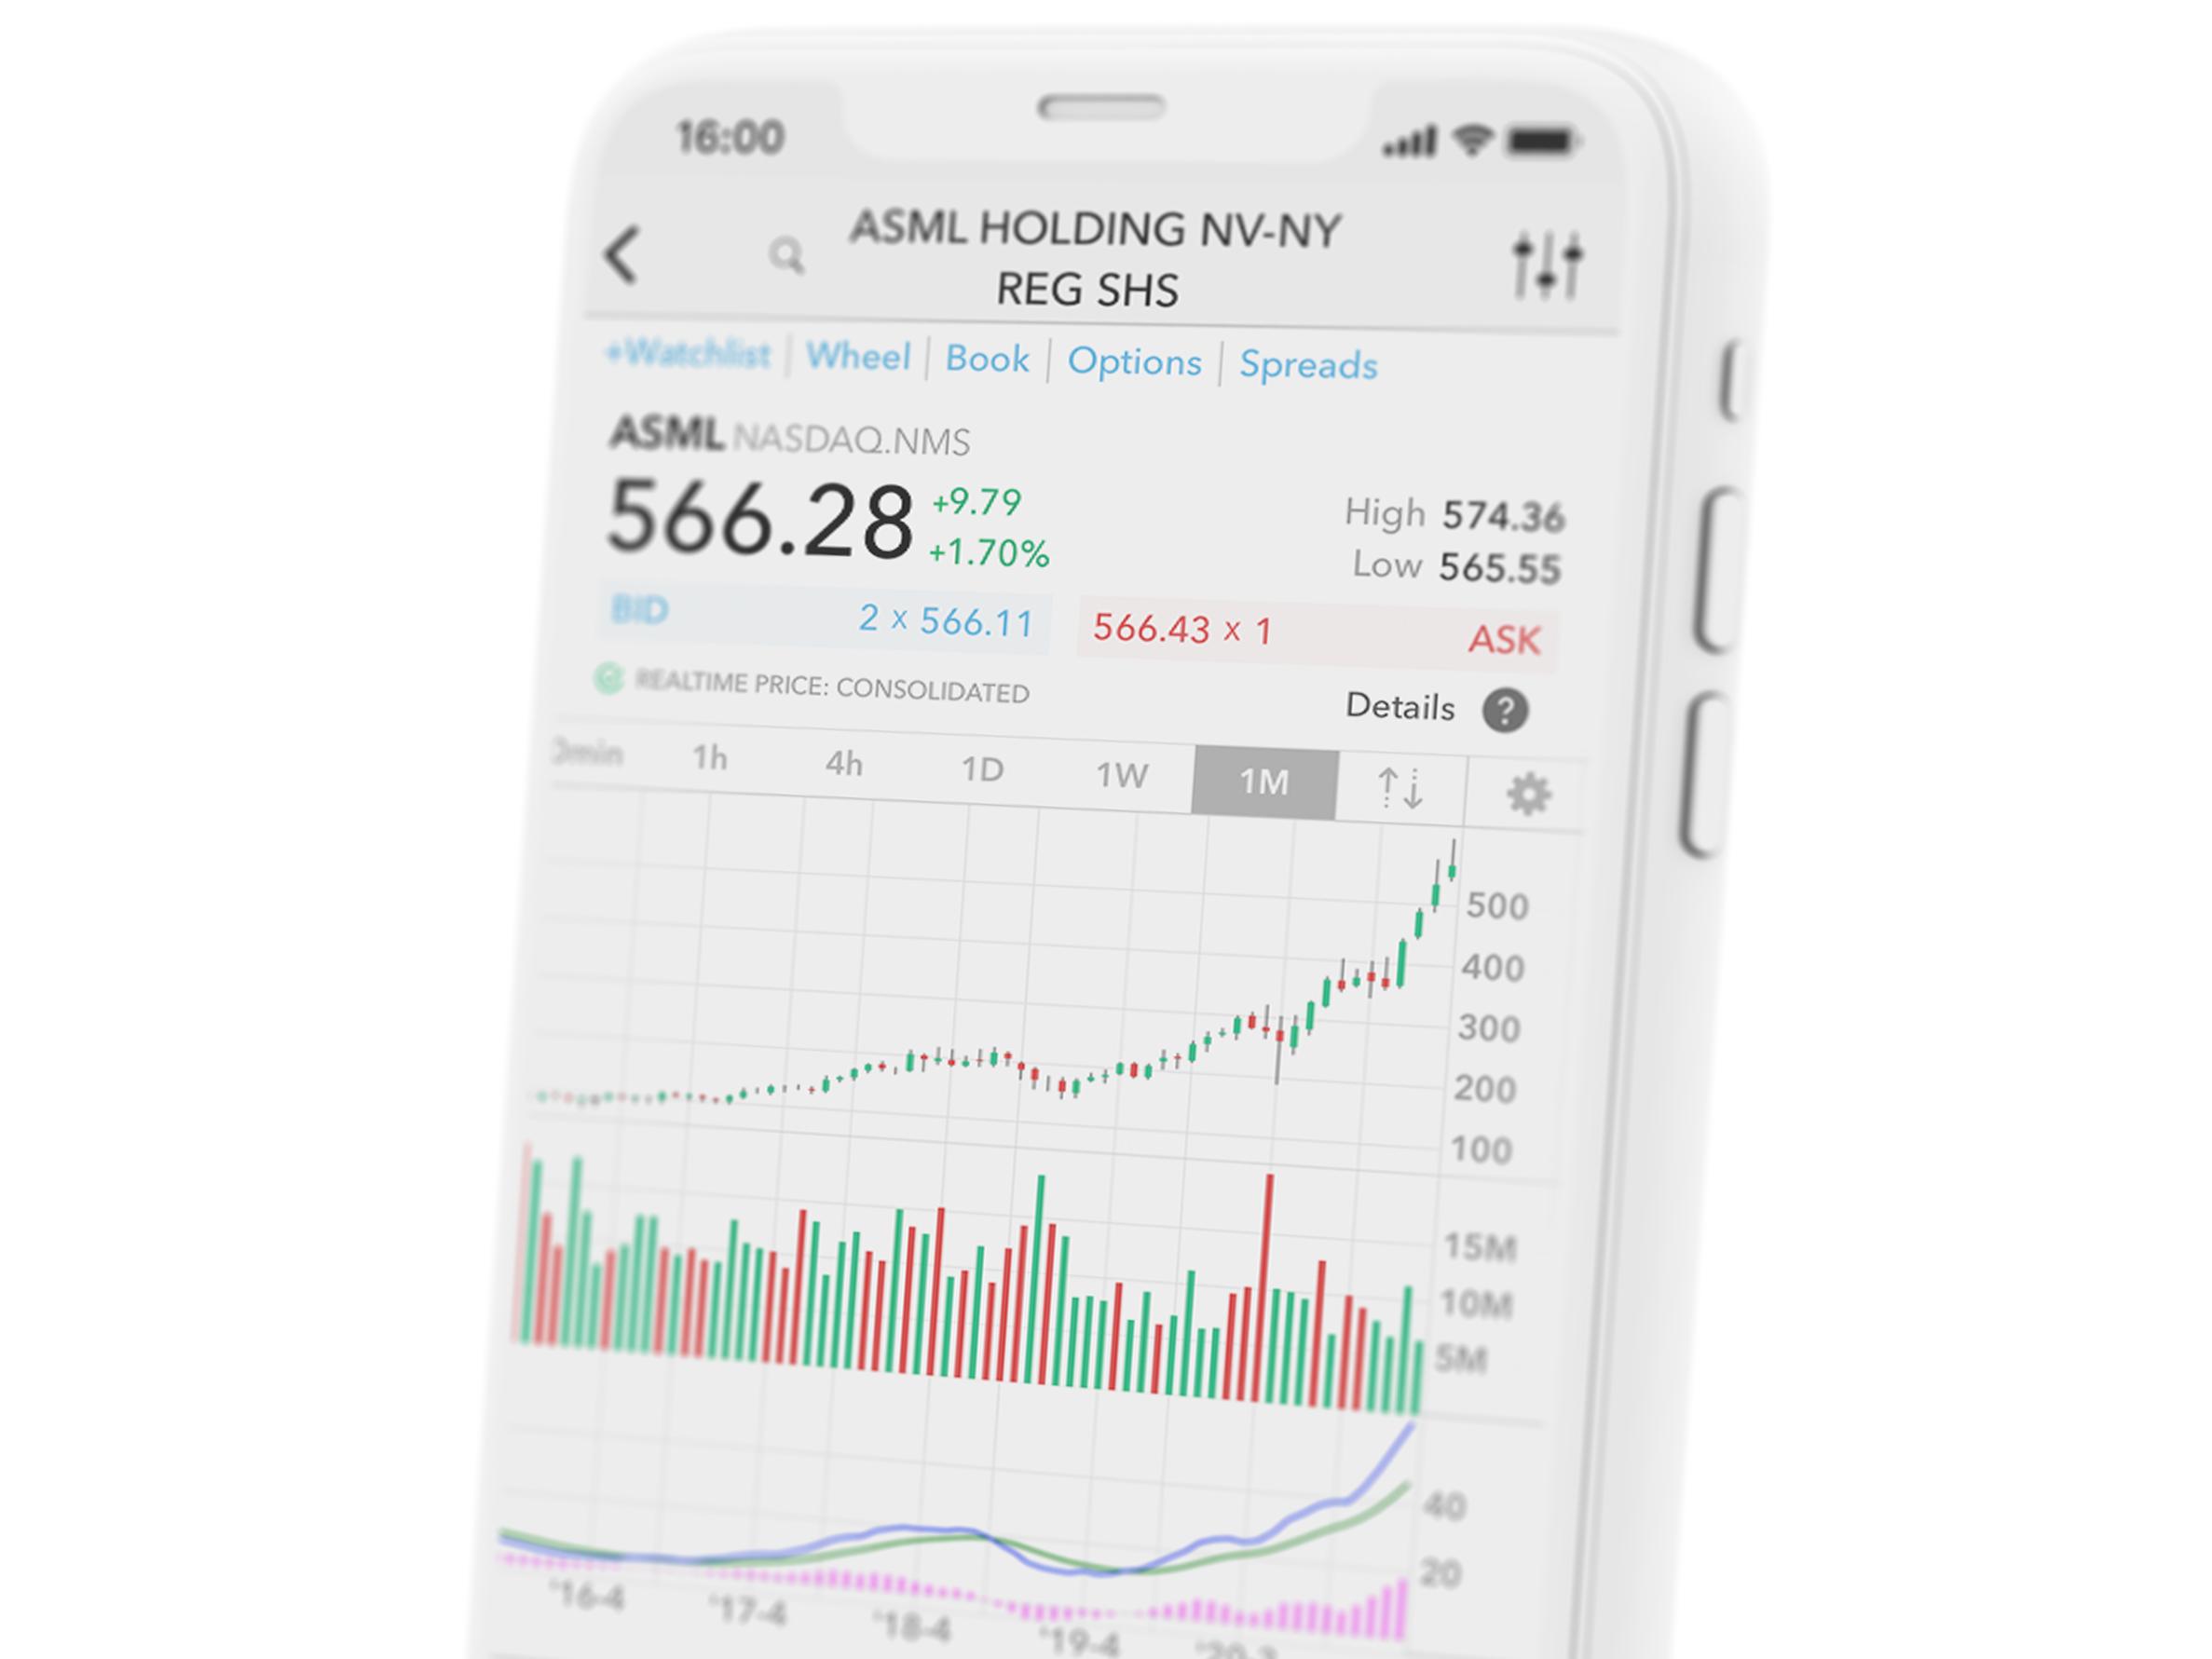 Handel via uw mobiel in aandelen met de LYNX Beleggingsapps